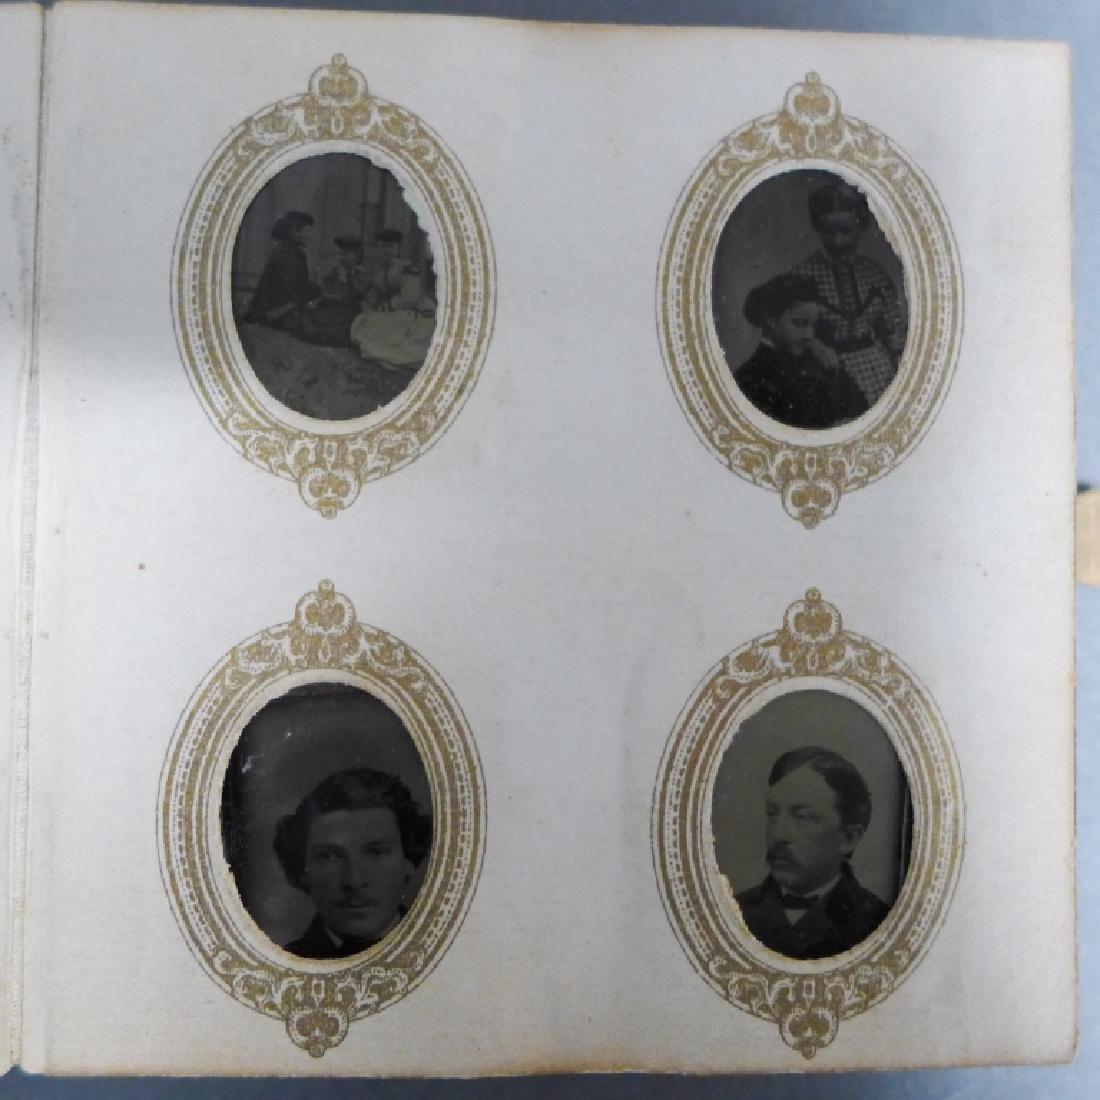 Antique Miniature Tintype Portrait Photo Album - 5